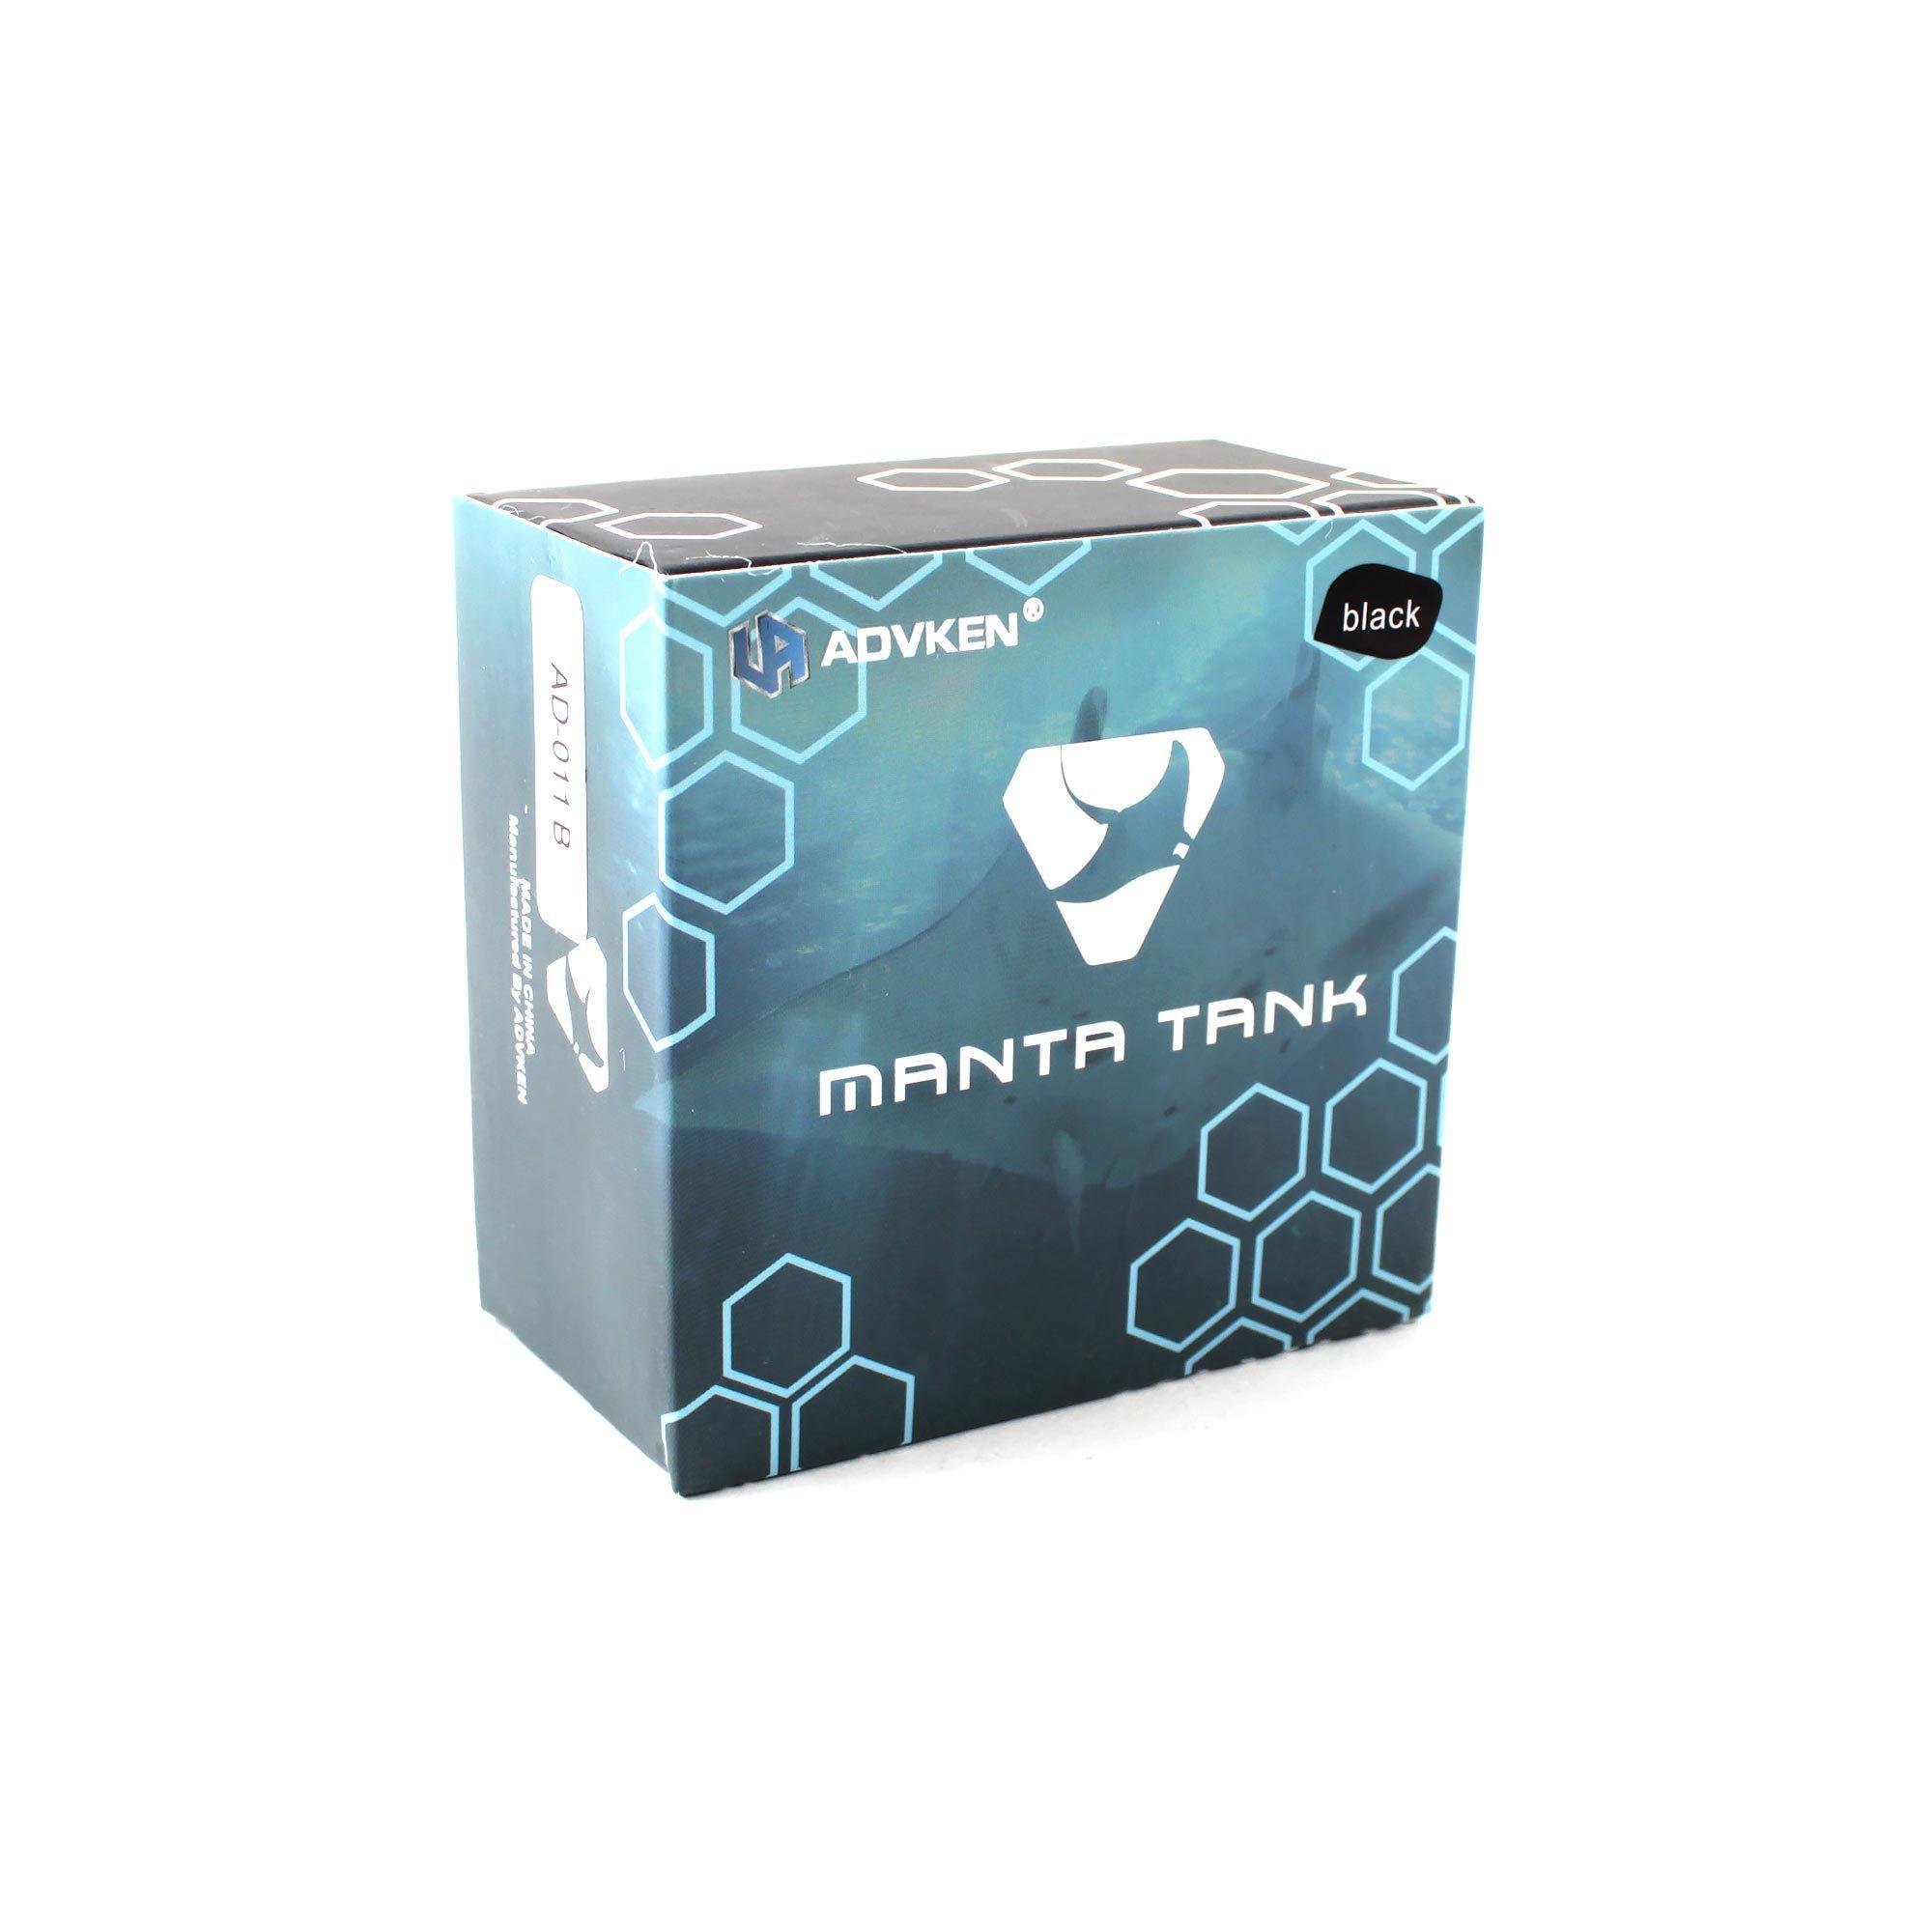 Фирменная коробка Advken Manta Tank